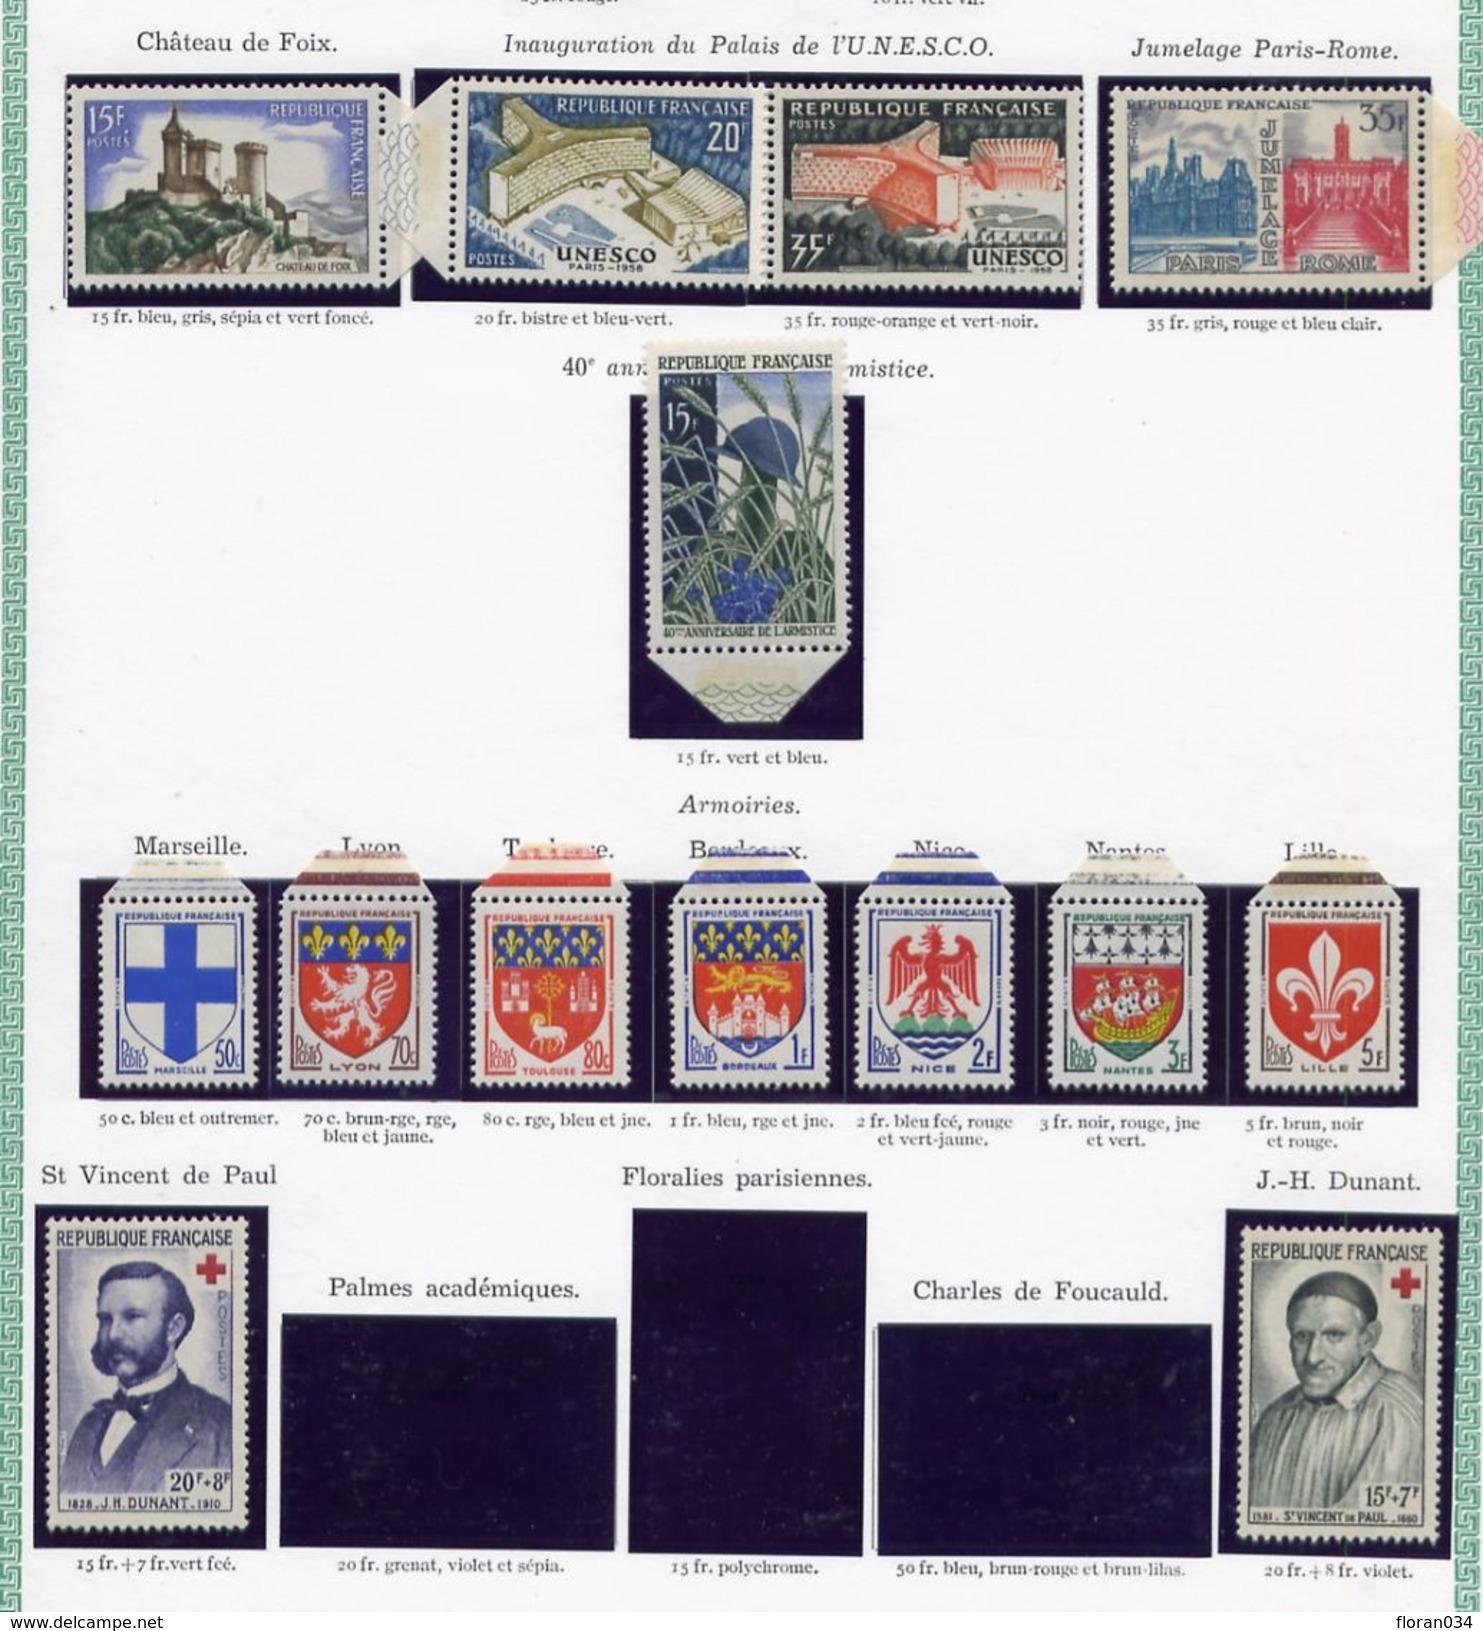 France Année 1958 Neuve ** Complète : N° 1142 à 1188 - Cote 62 Euros - Superbe Qualité - Frankrijk